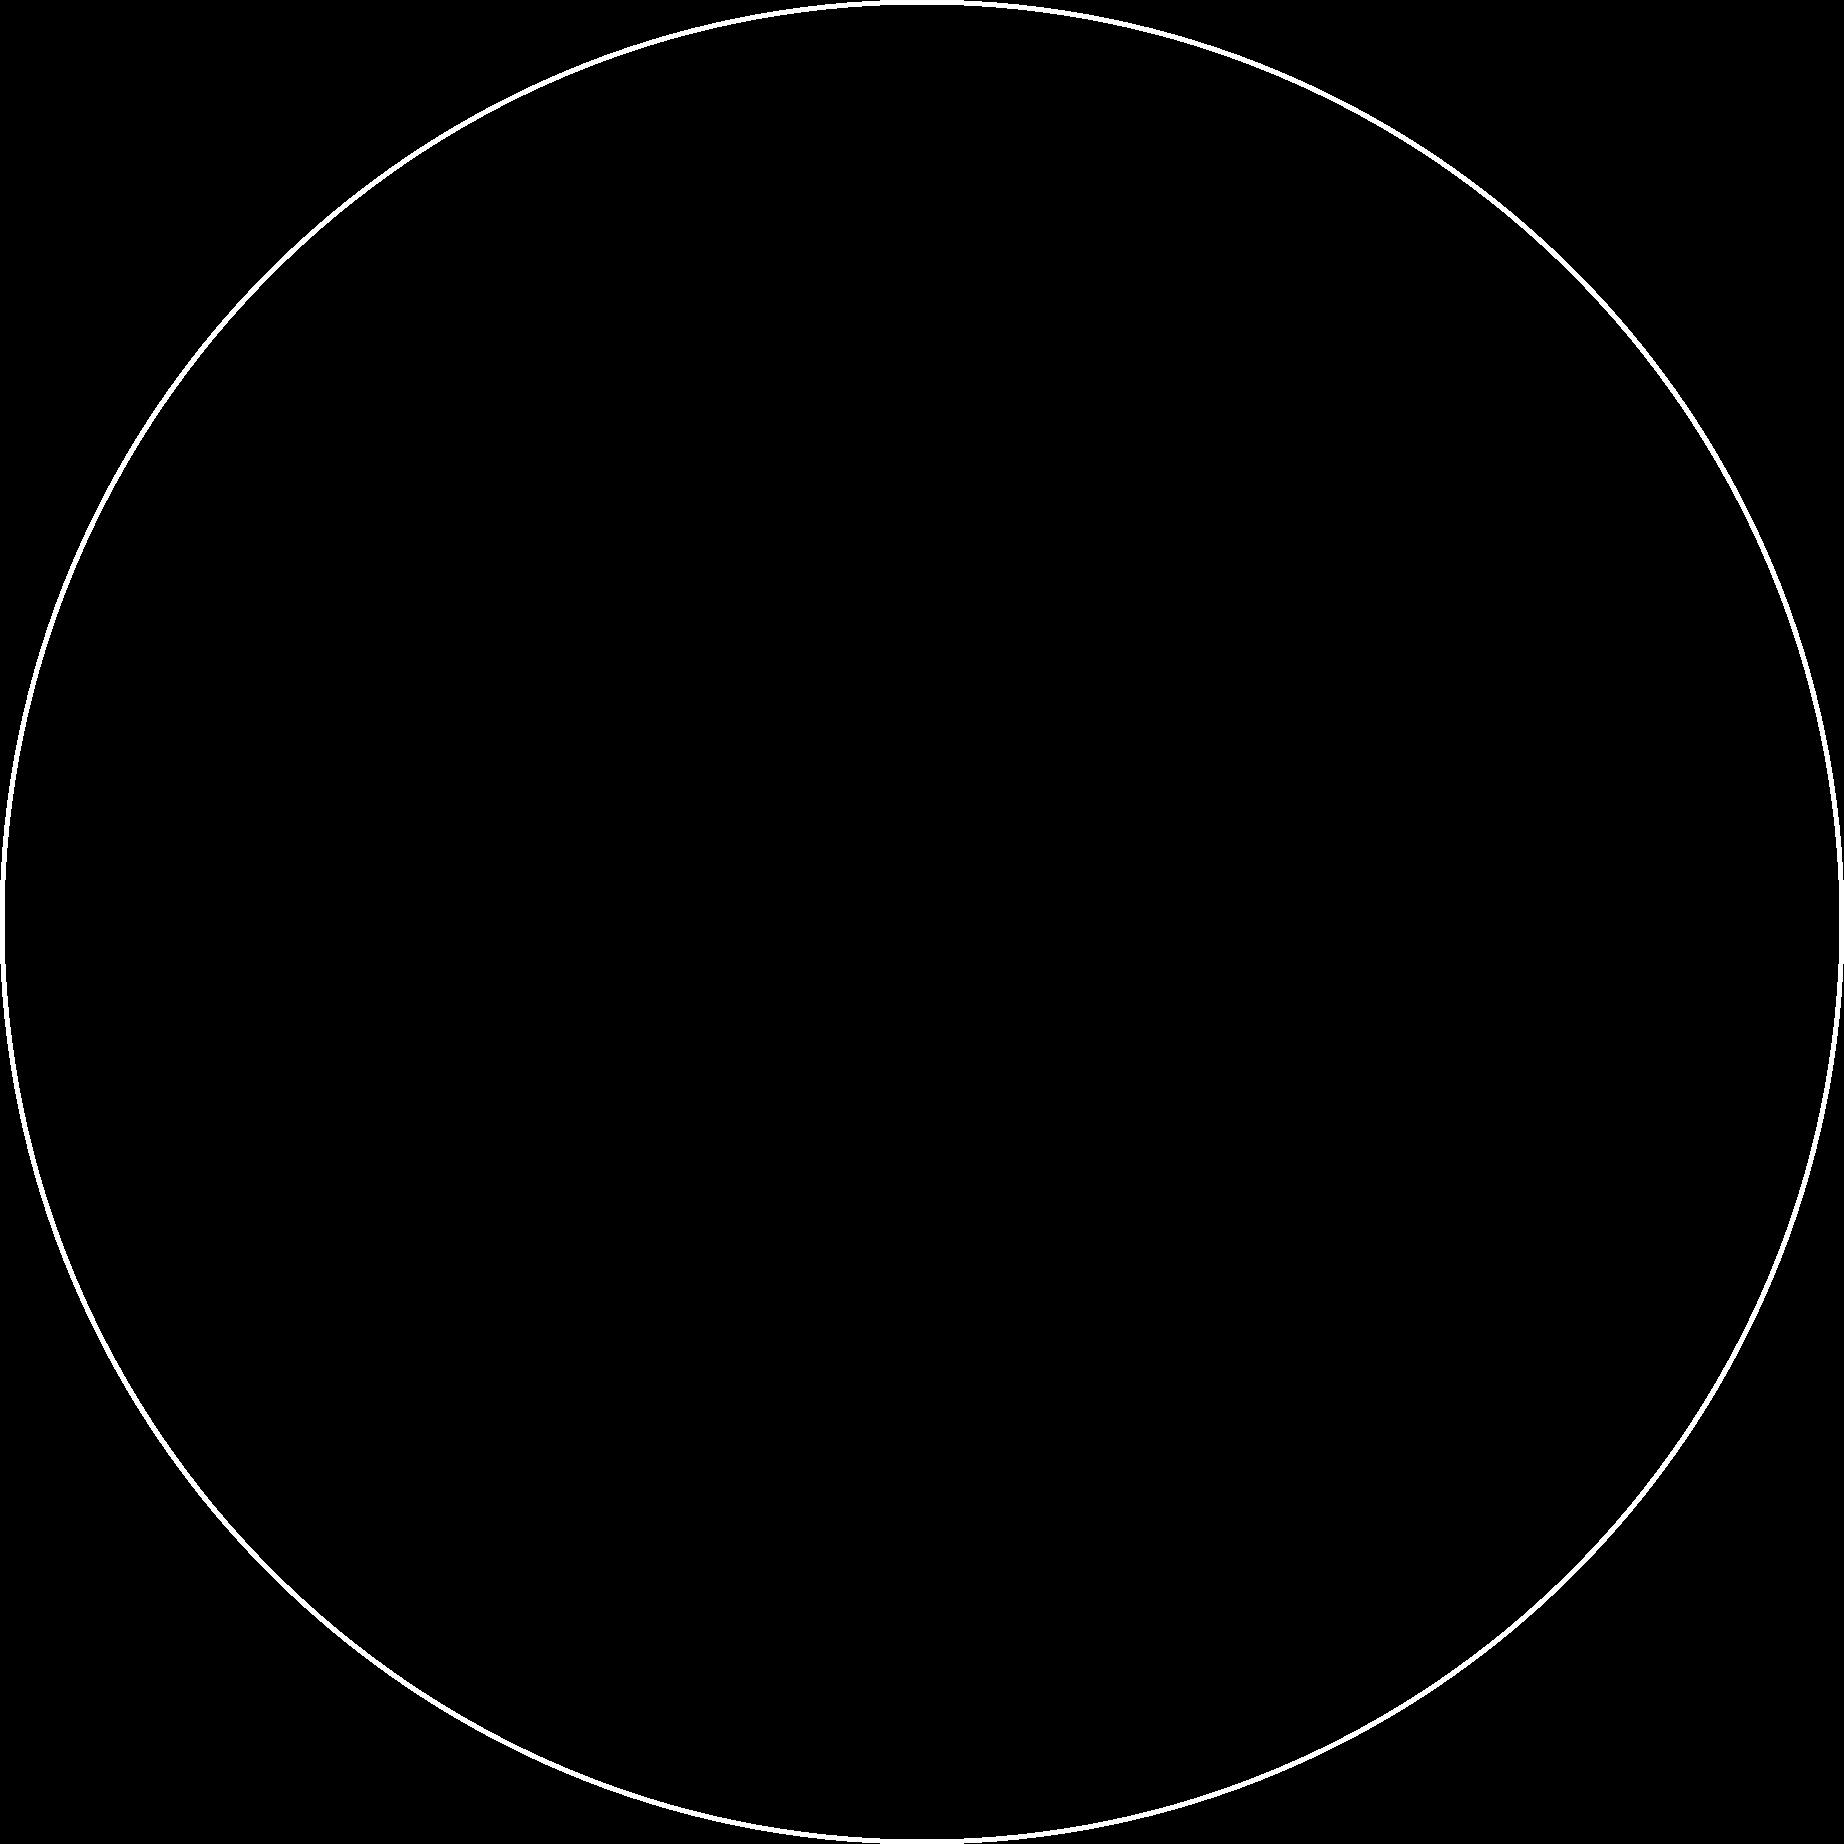 Círculo blanco